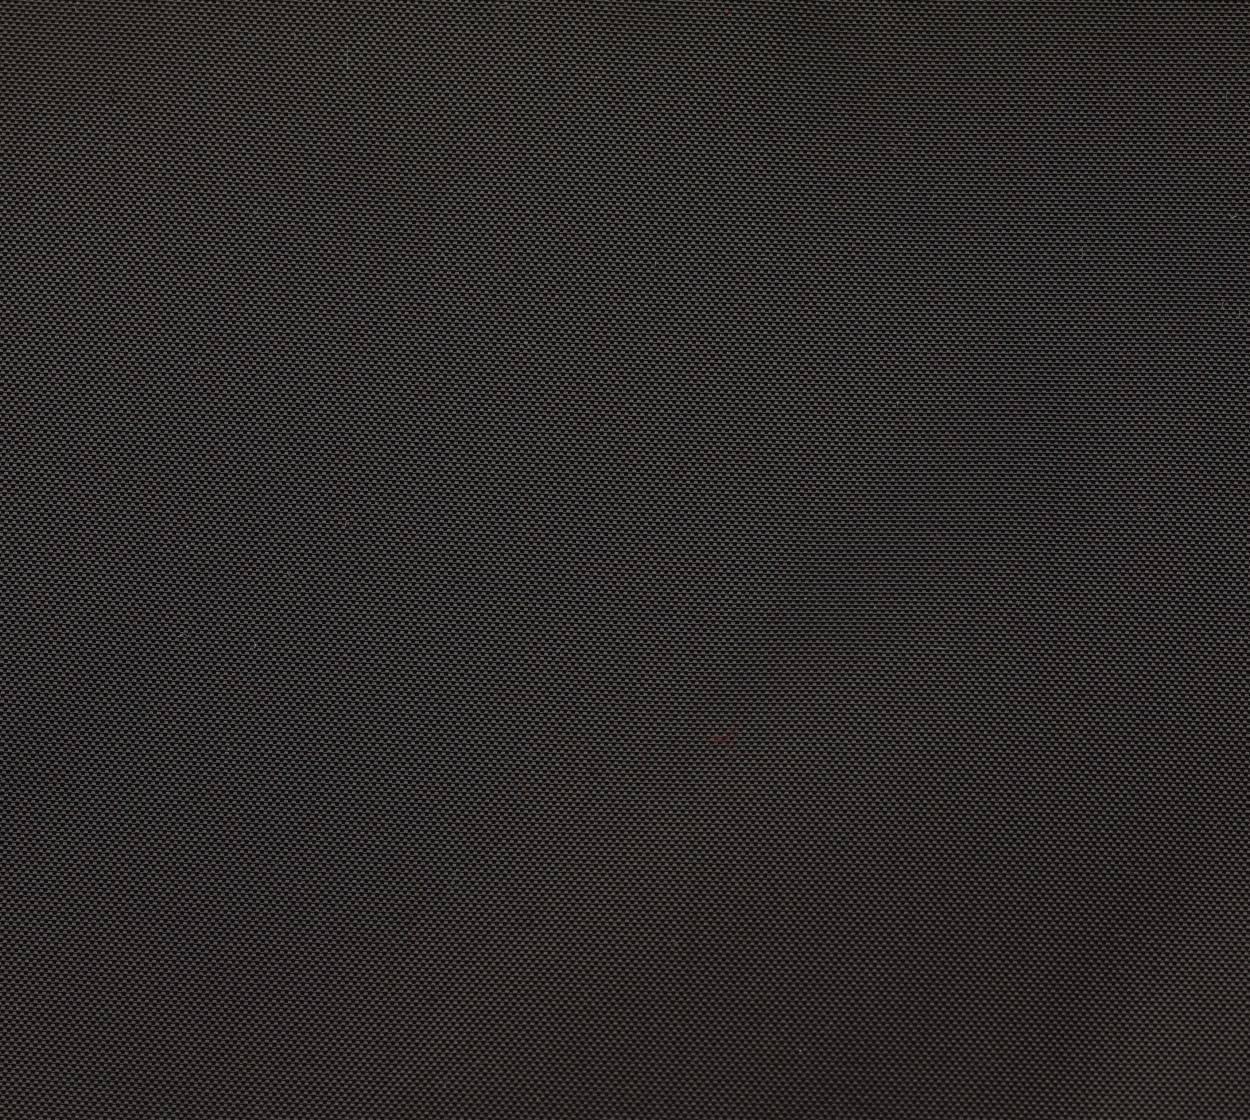 TCS-Taft 347 schwarz, 3,10 m breit, 3T20 im Stamm online Store München